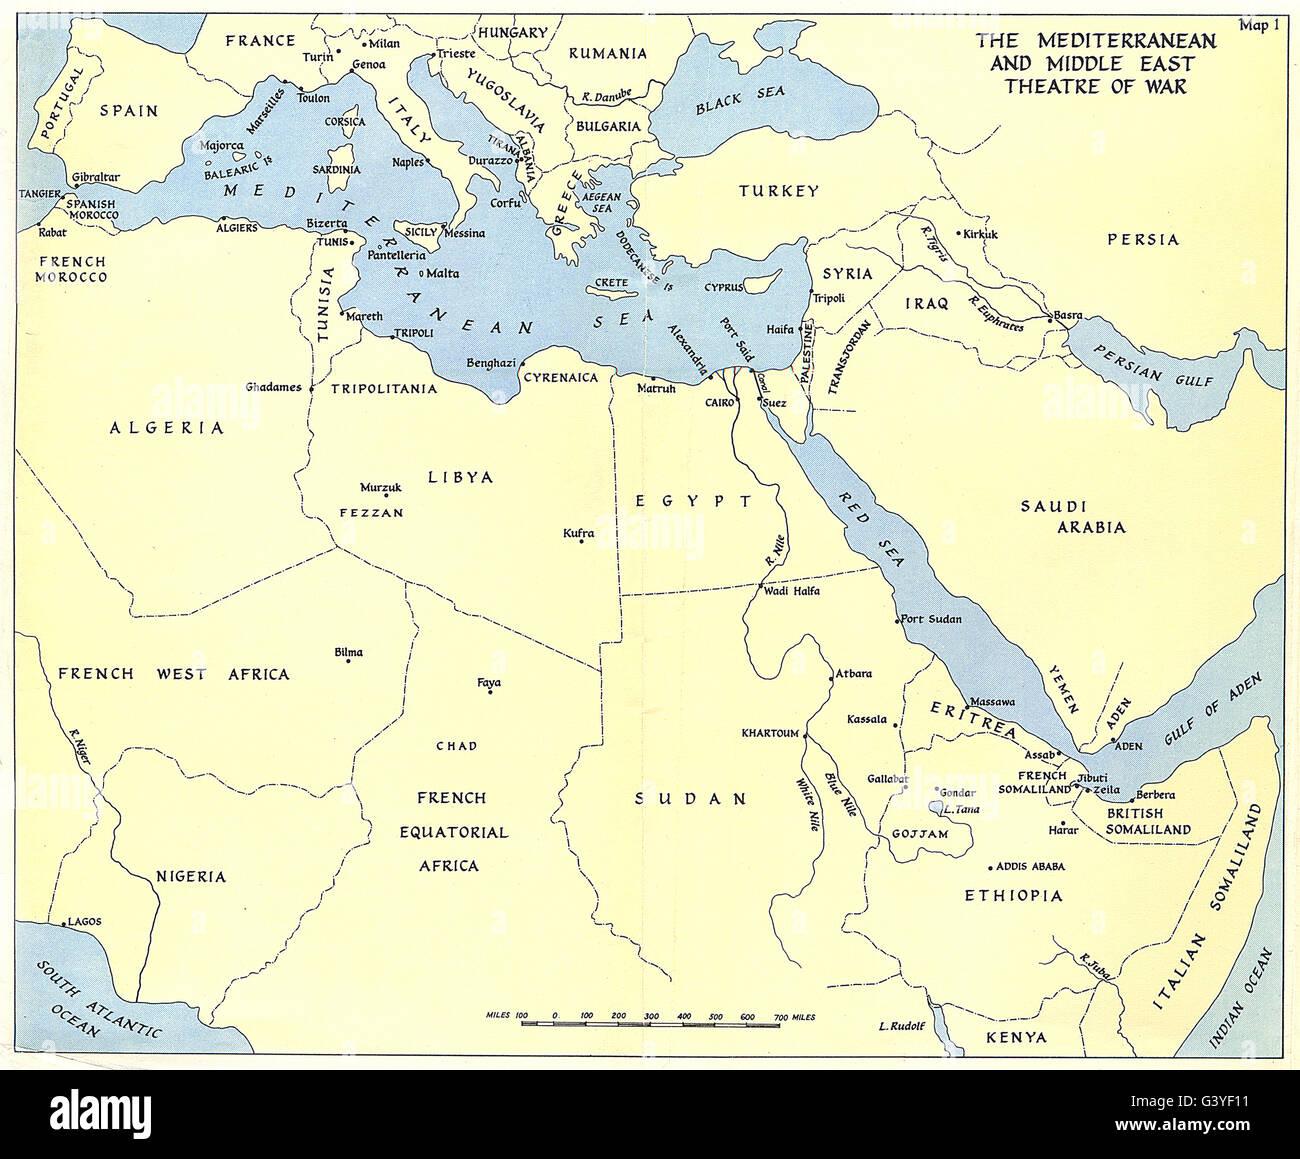 Mittelmeer Karte Europa.Europa Mittelmeerraum Und Naher Osten Kriegsschauplatz Ww2